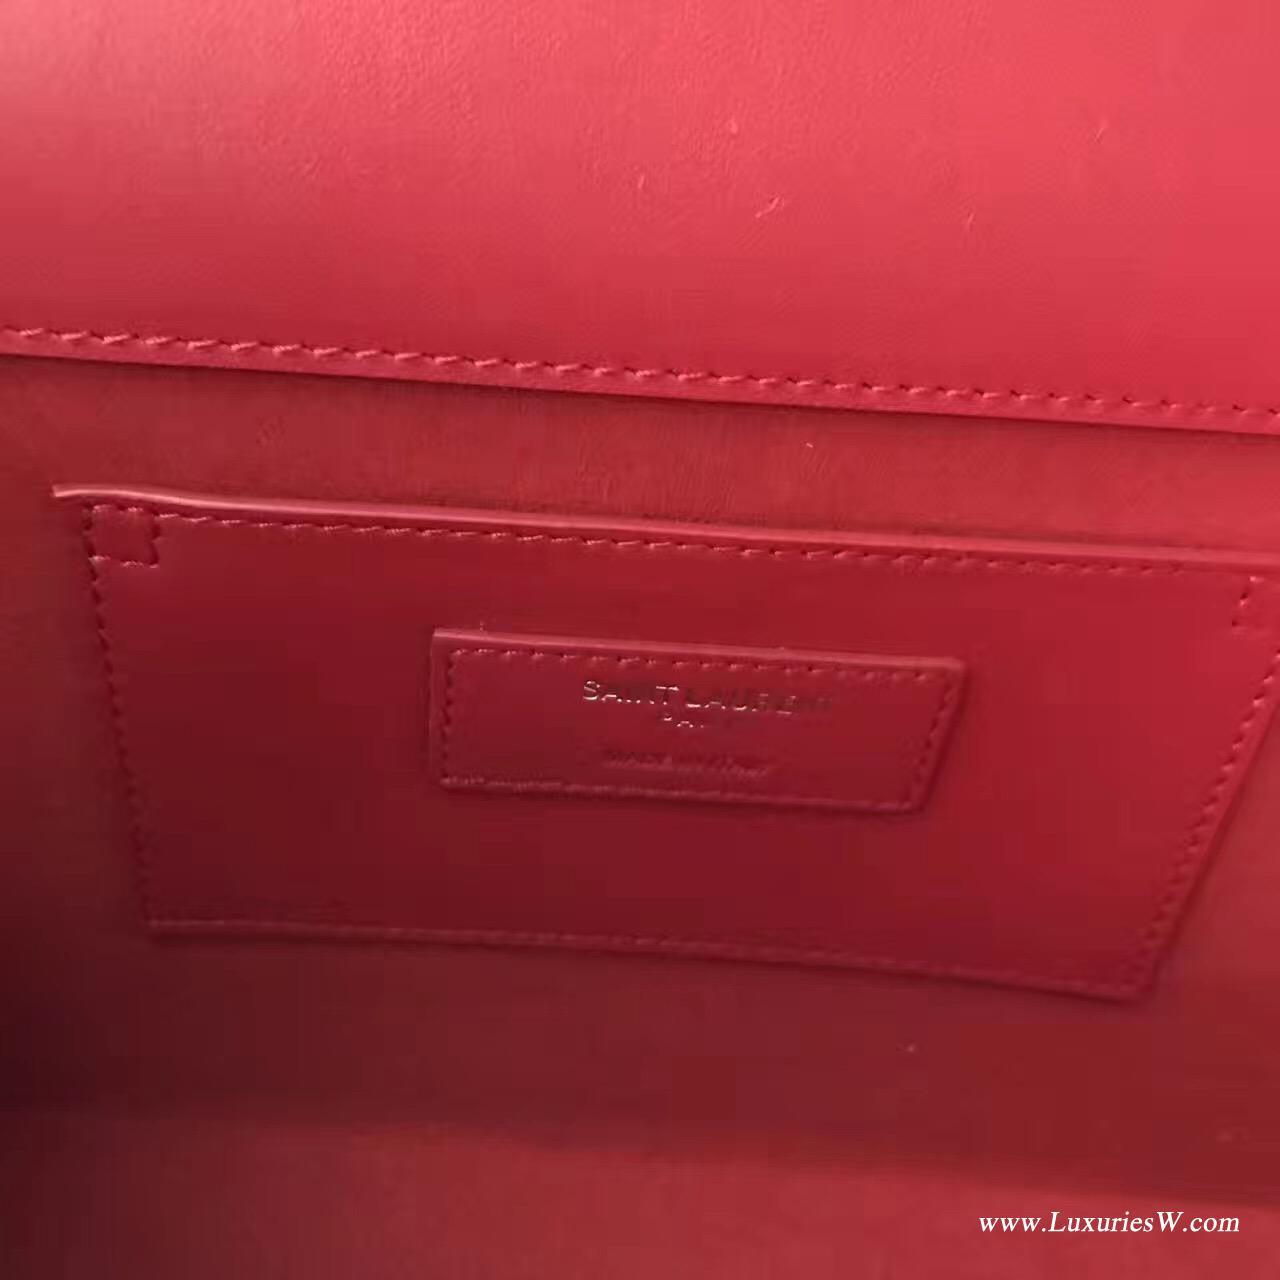 聖羅蘭YSL 經典 MONOGRAM 中號大紅色流蘇肩背包銀色金屬